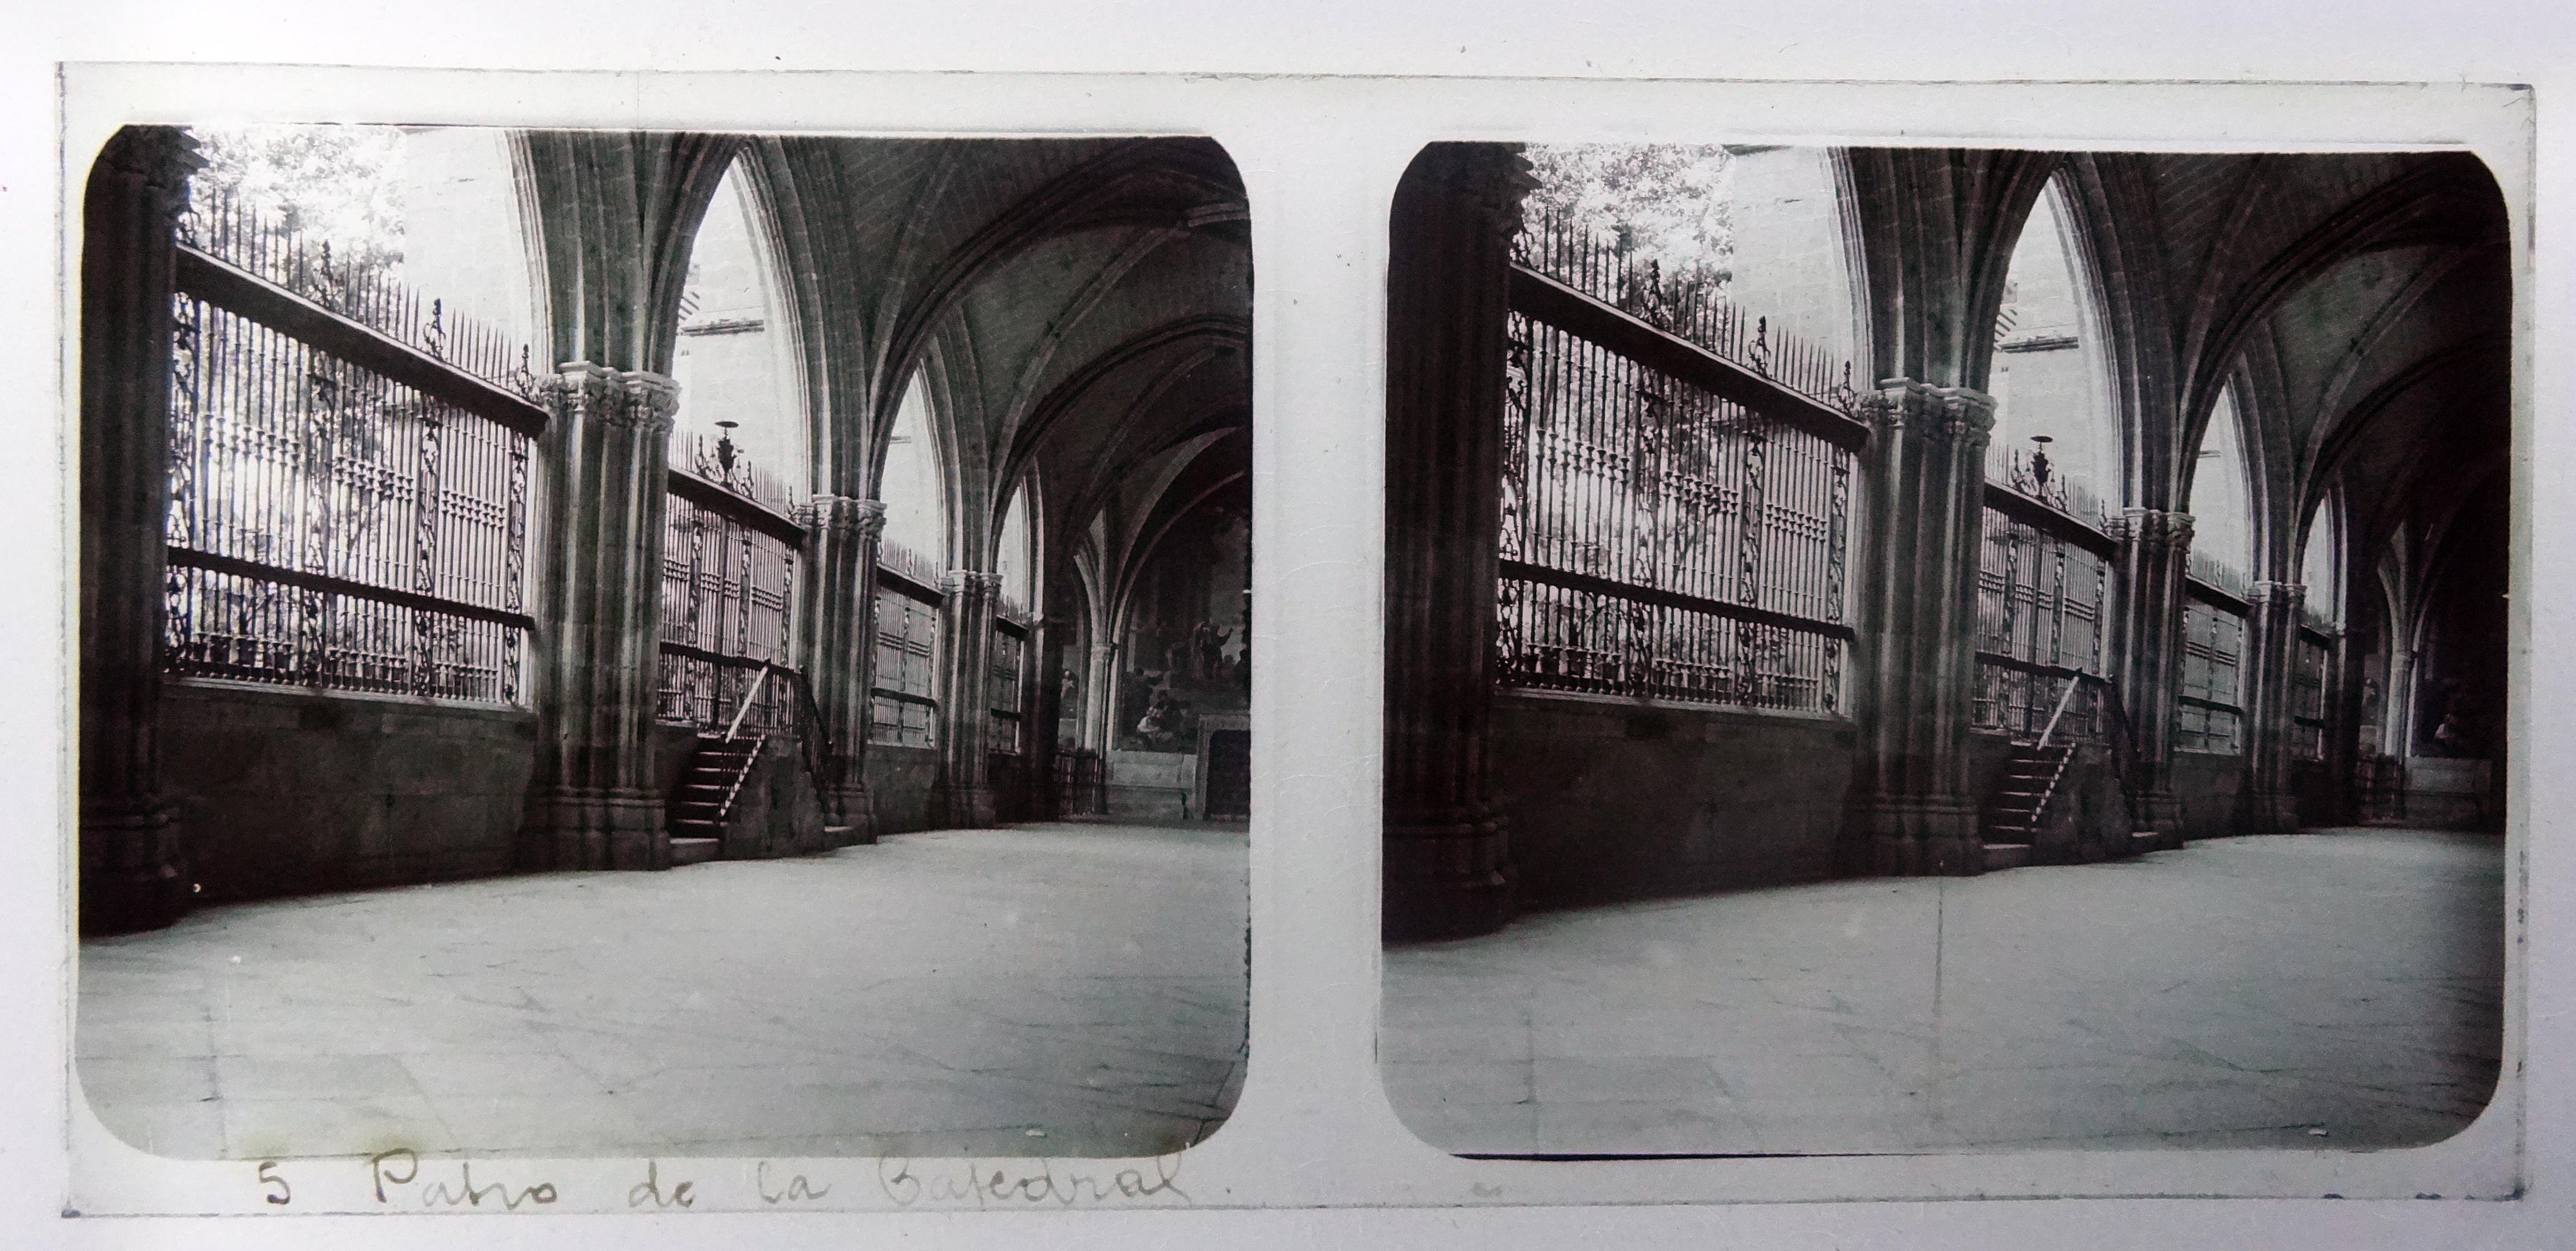 Claustro de la Catedral. Fotografía de Francisco Rodríguez Avial hacia 1910 © Herederos de Francisco Rodríguez Avial